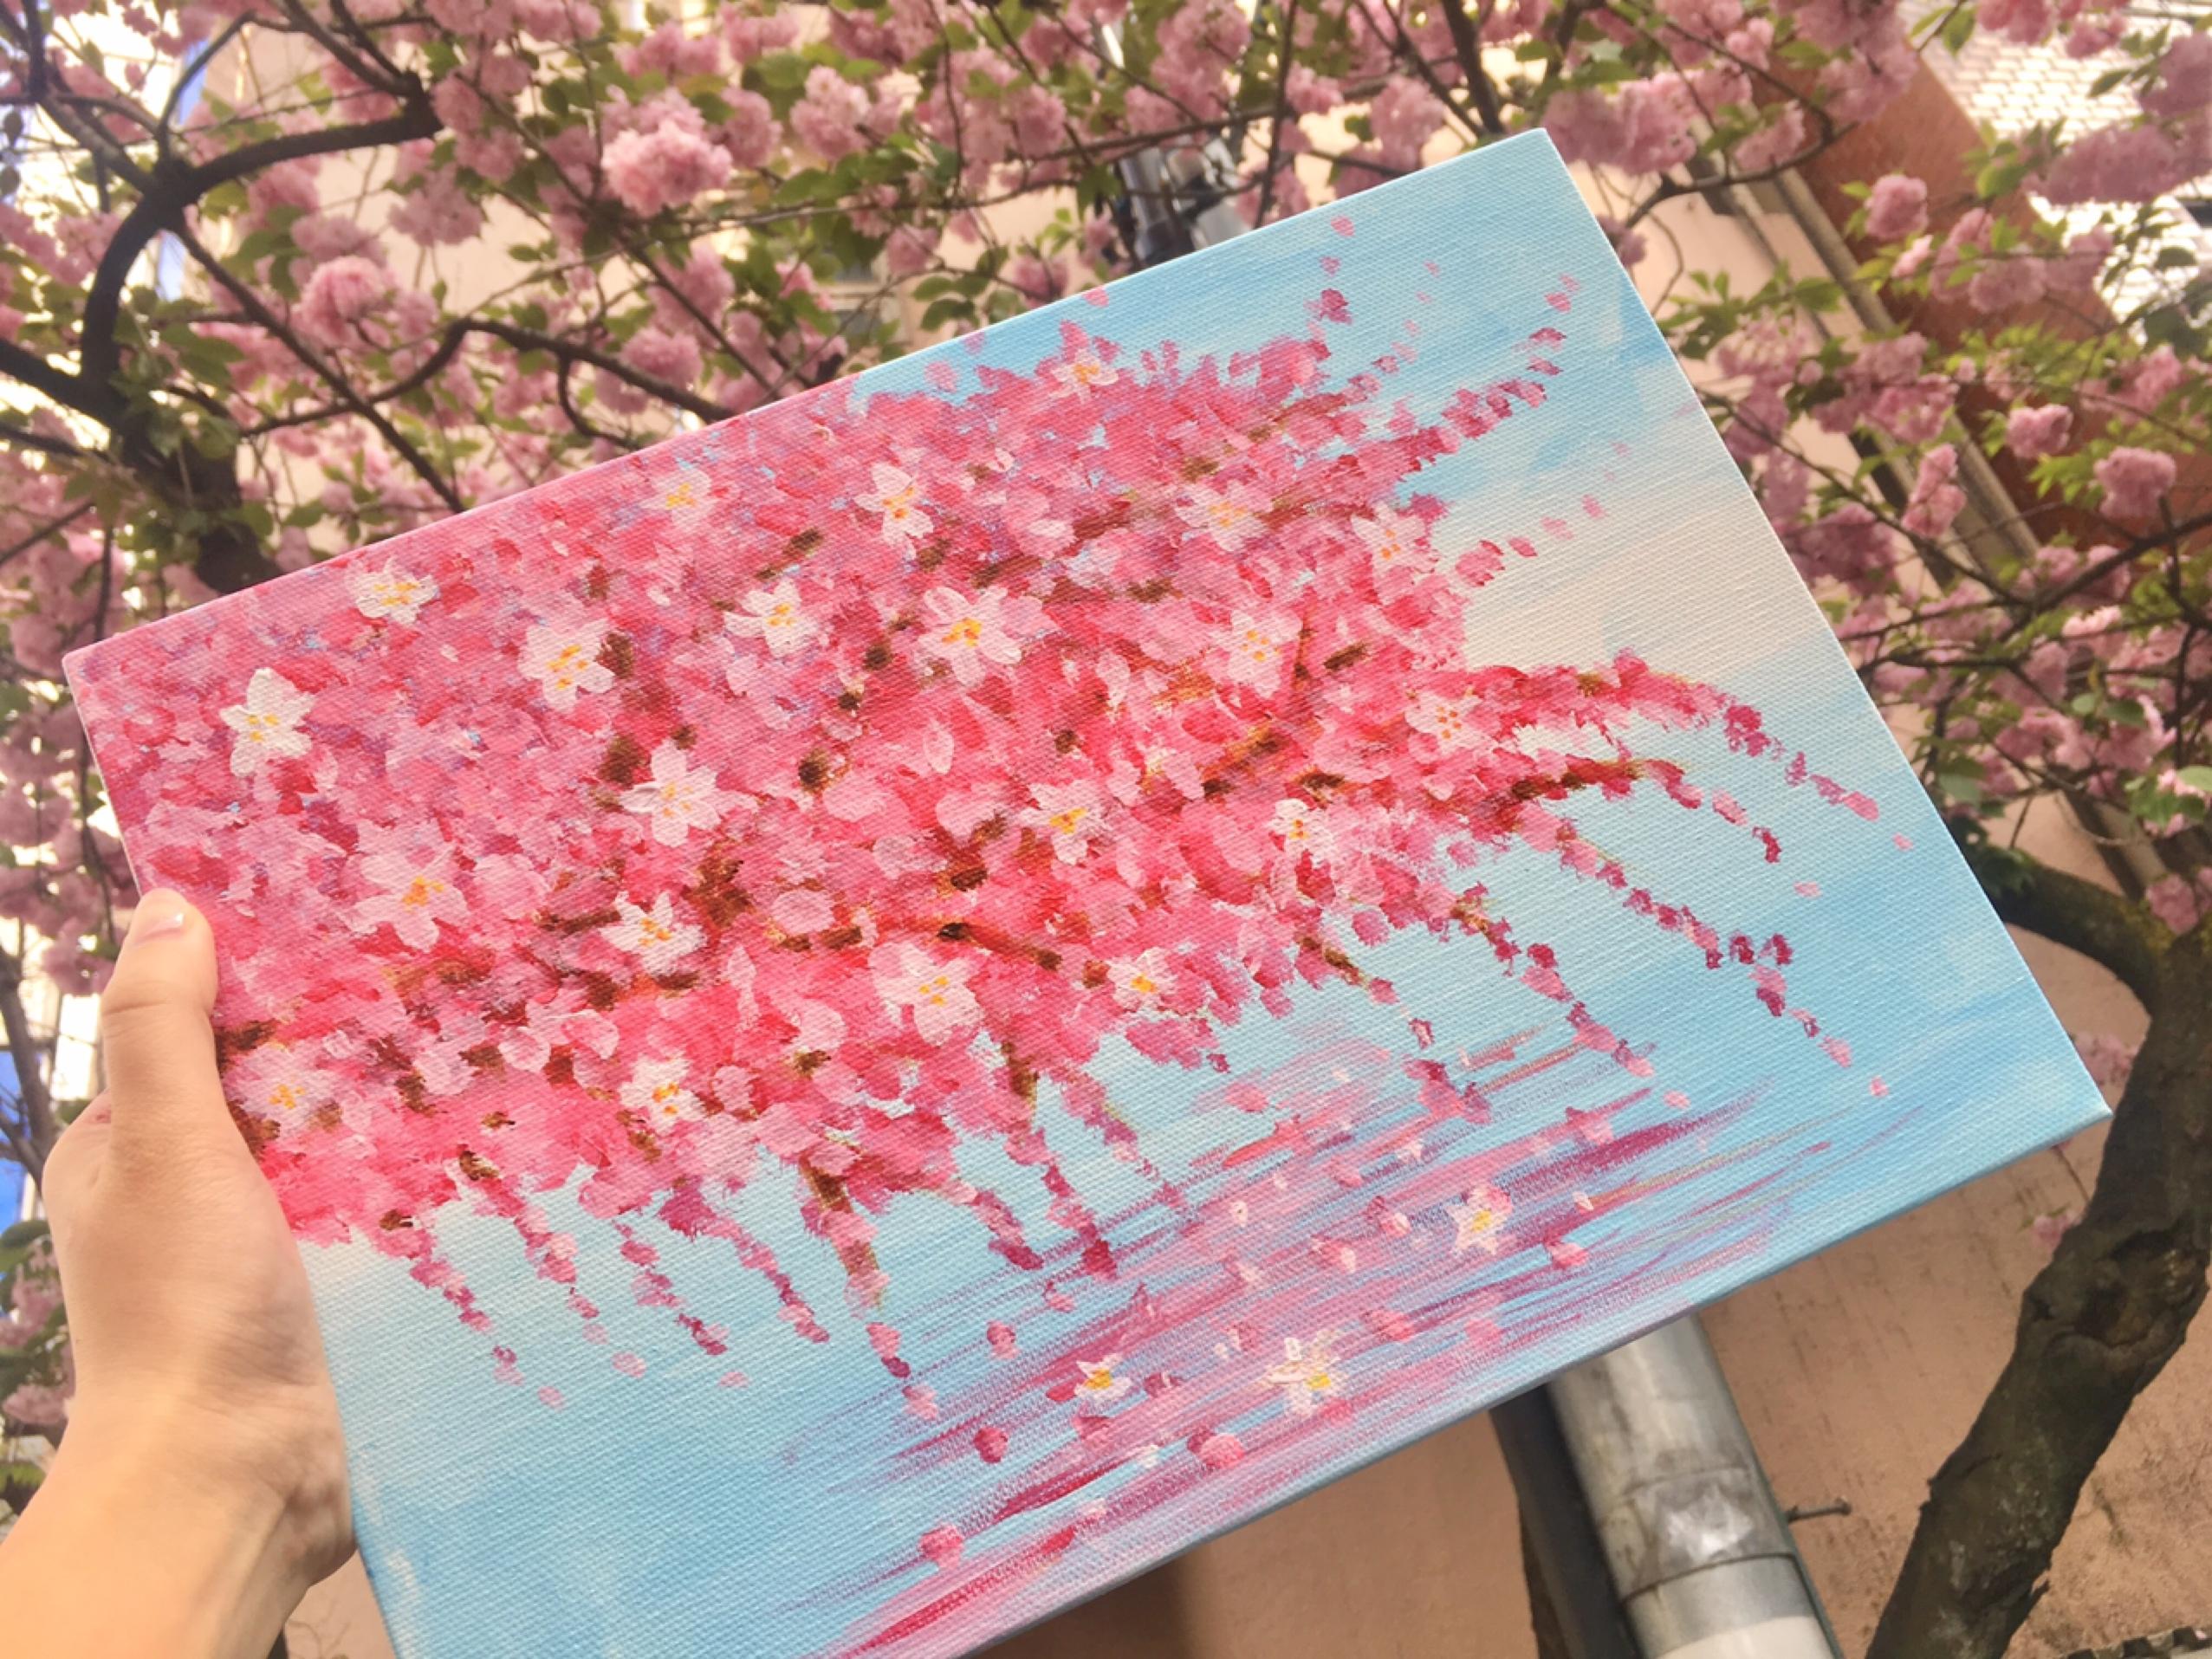 第2のヨガで画家気分?NY発お酒を飲みながら絵を描く『Painty』_7